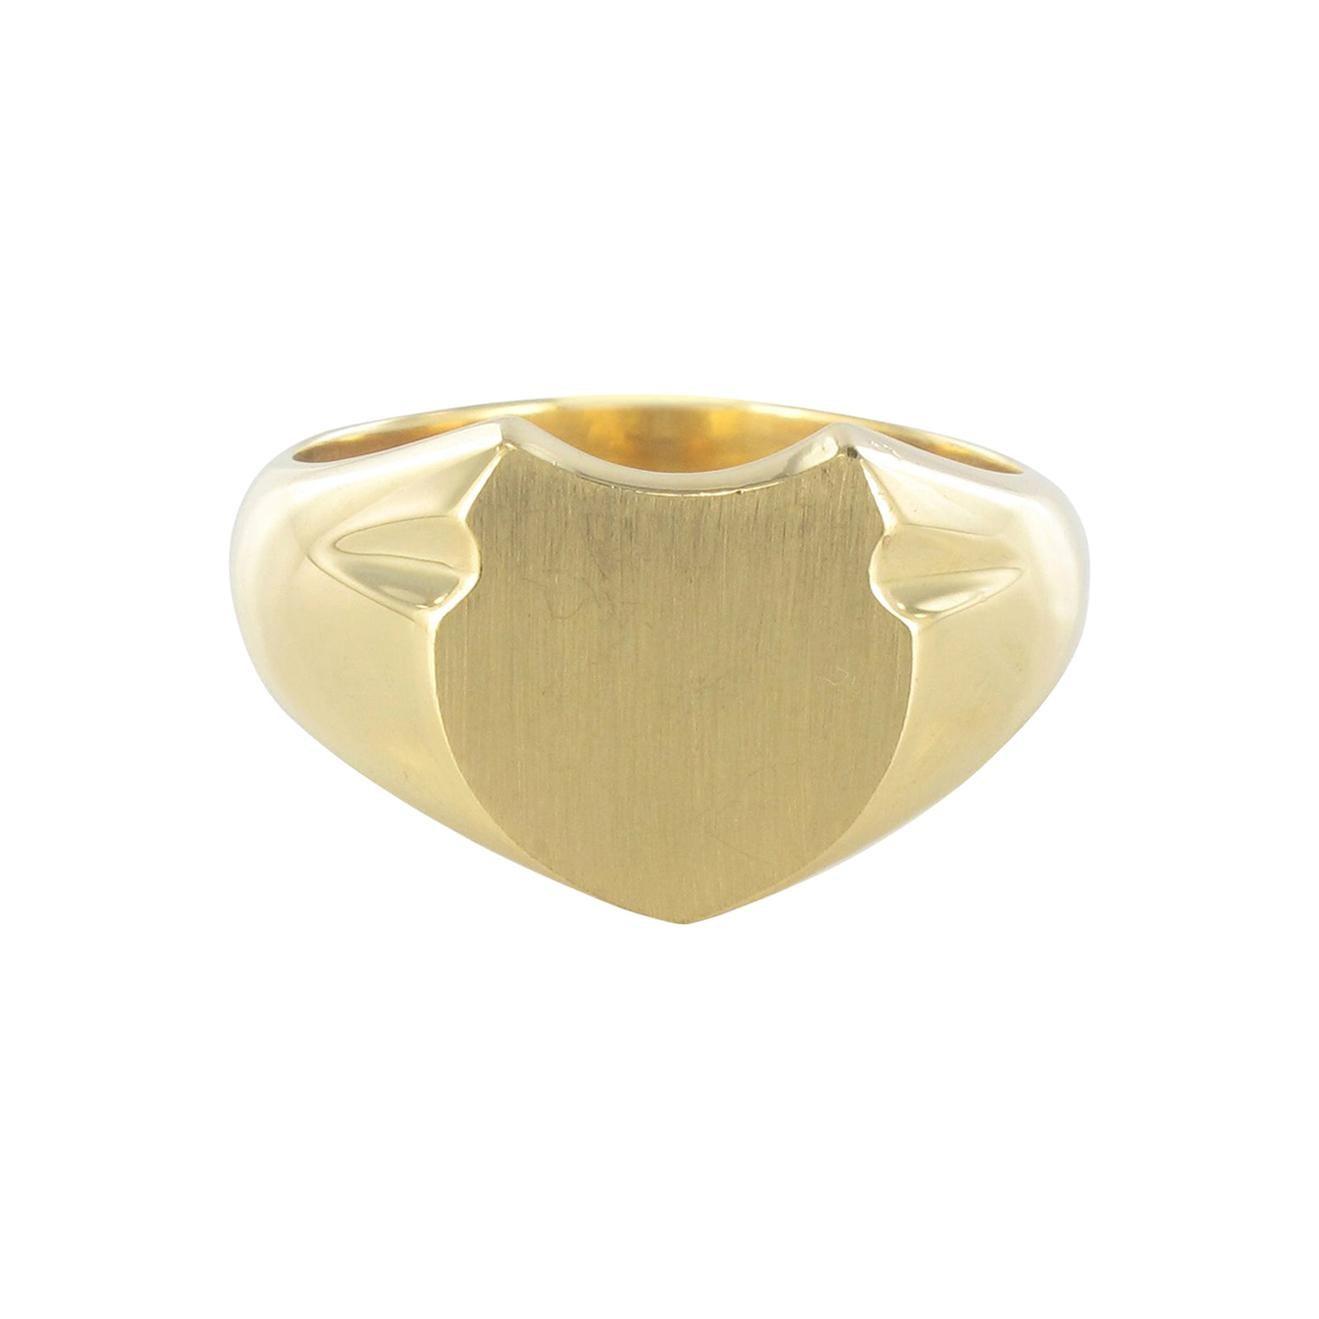 French Art Deco Men's 18 Karat Yellow Gold Signet Ring